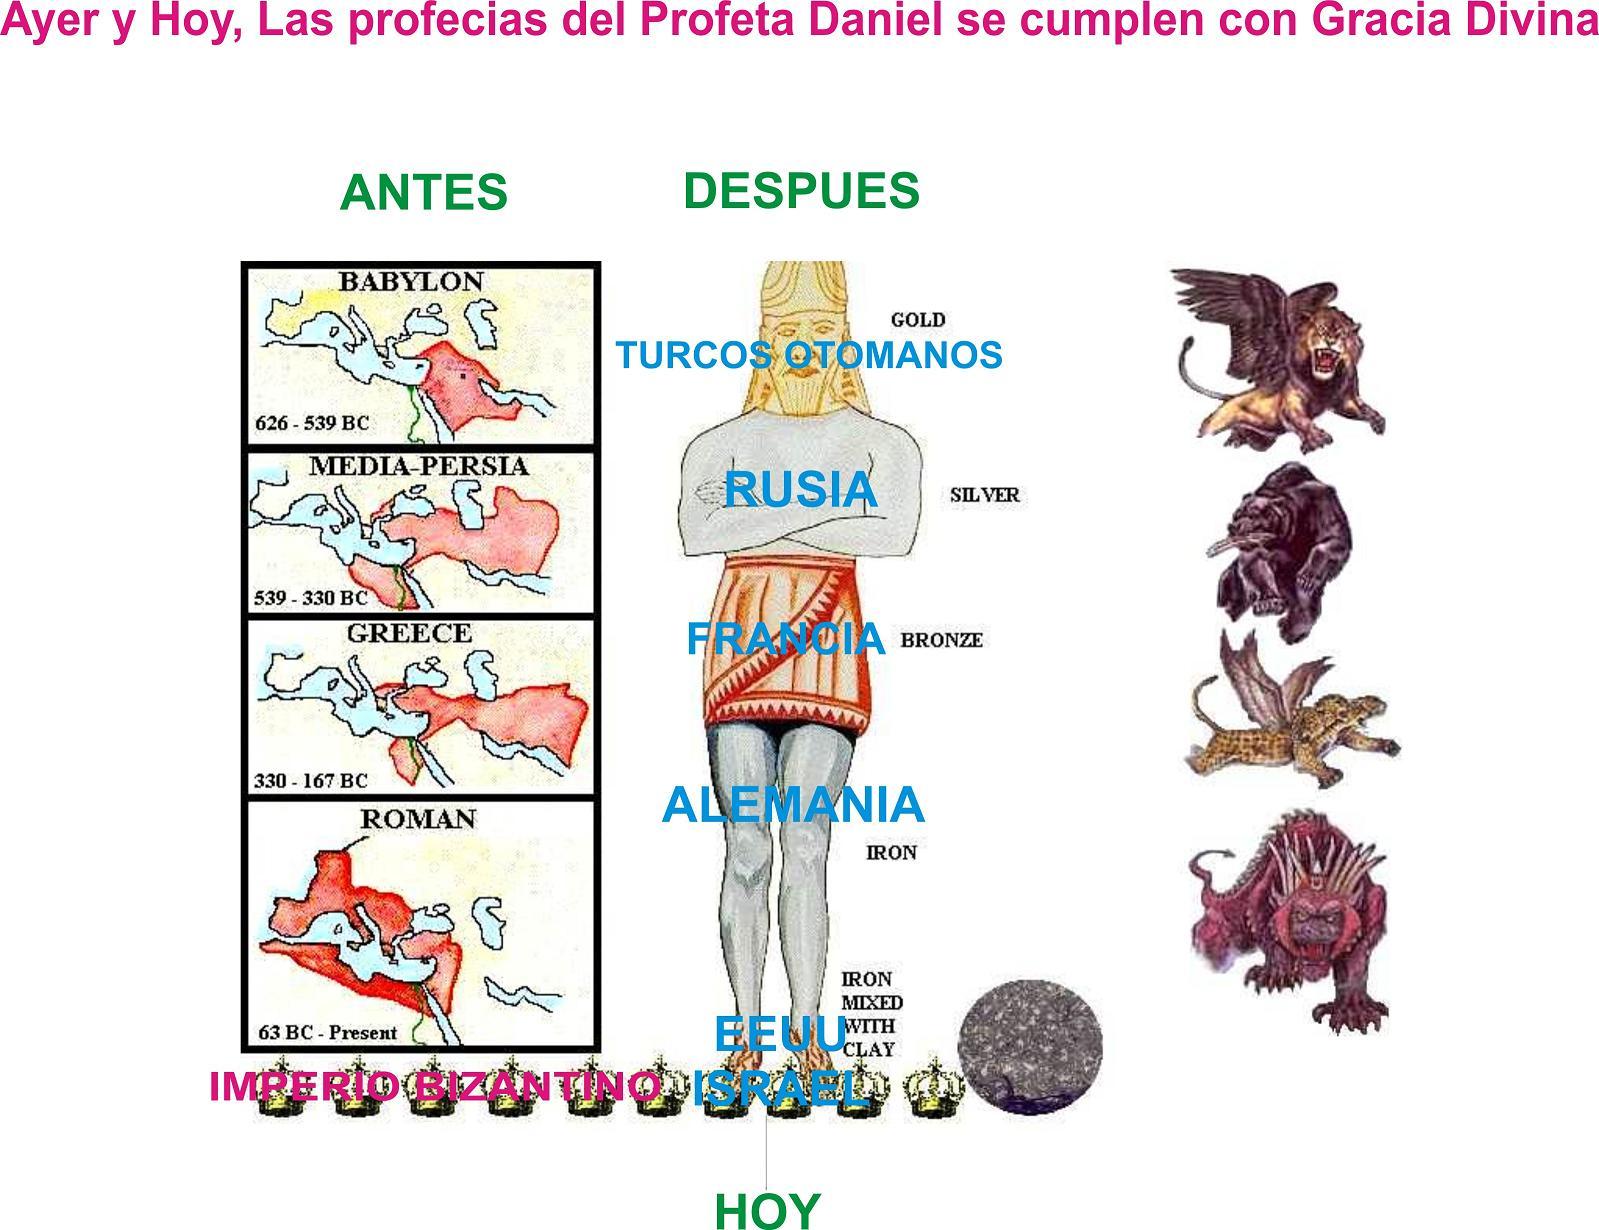 Mauricio Daniels >> Enseñanzas Espirituales Orion: VISIÓN DE NABUCONODOSOR - PROFECIA DANIEL